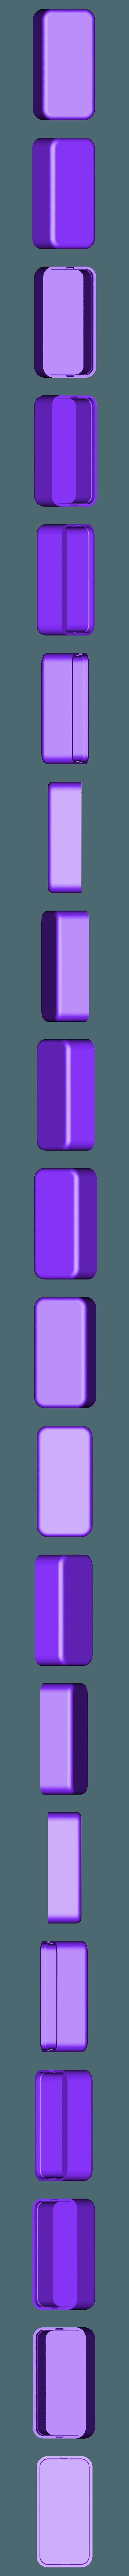 Cover.stl Télécharger fichier STL gratuit Boîte de rangement pour fer à souder 900M-T • Design pour impression 3D, Ruvimkub